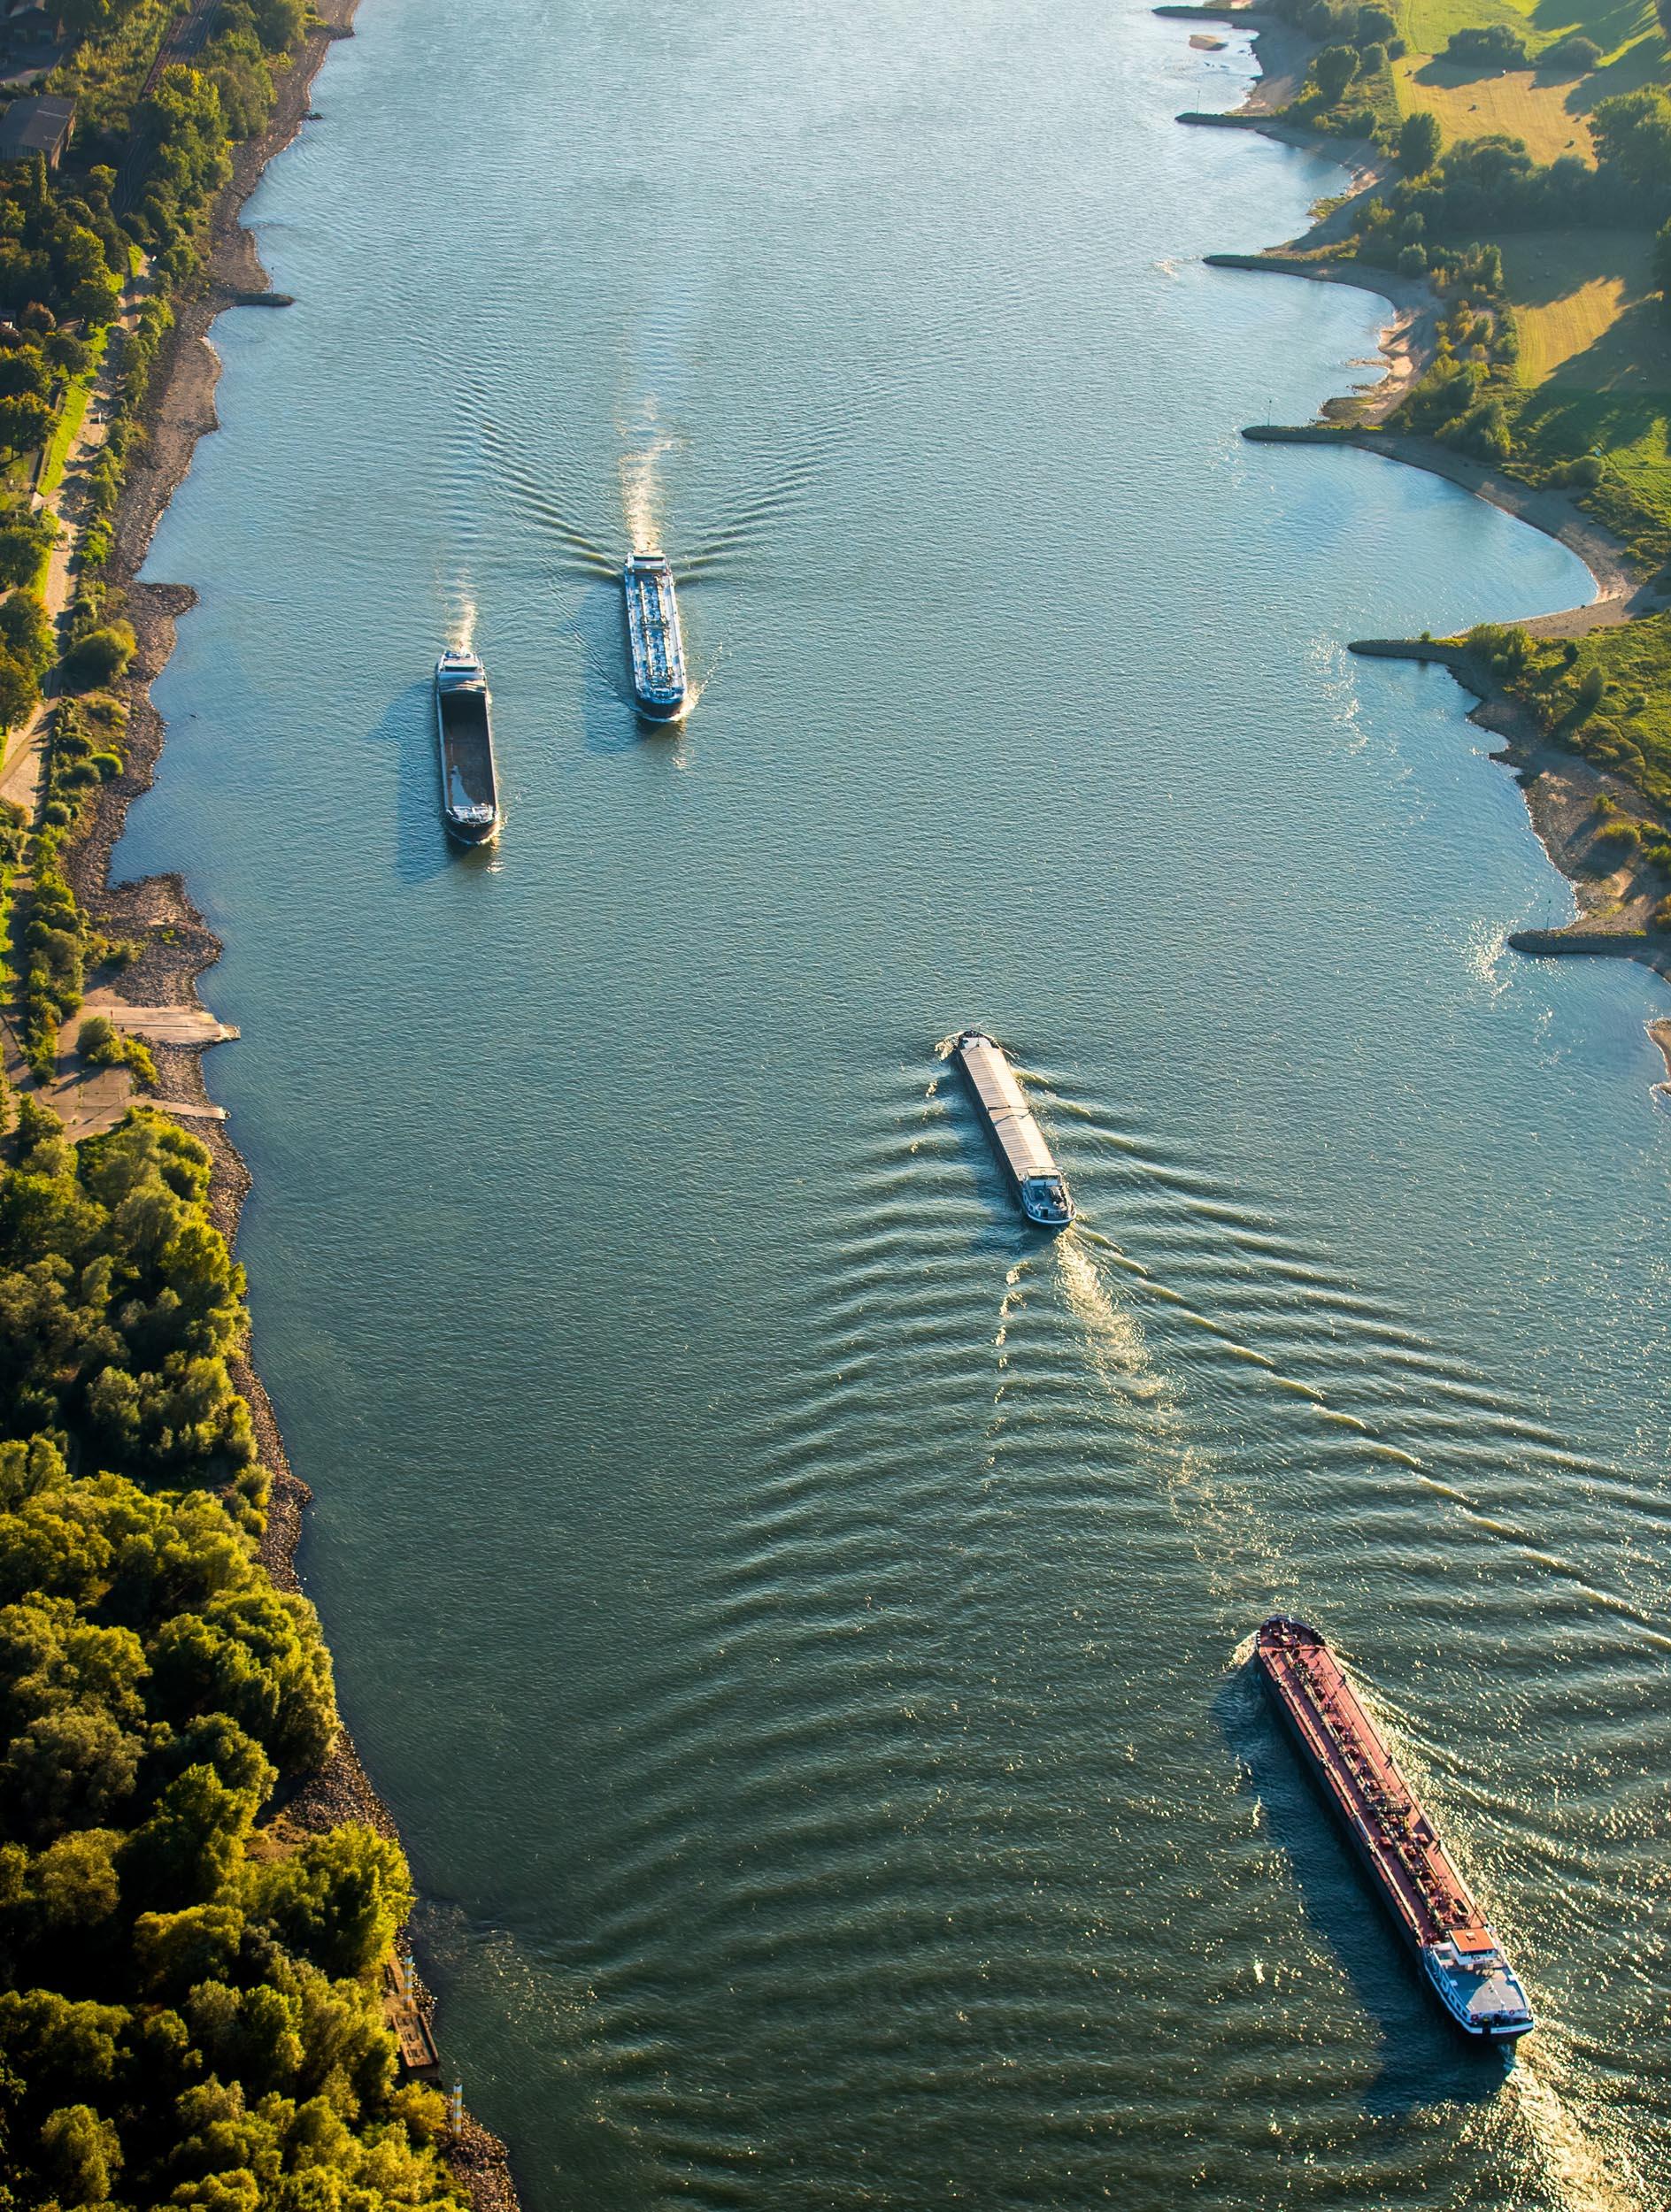 Frachtschiffe auf dem Rhein bei Rheinhausen und Huckingen, Containerbinnenschiff, Containerschiff, Binnenschifffahrt, Gasschiff, , Duisburg, Ruhrgebiet, Nordrhein-Westfalen, Deutschland